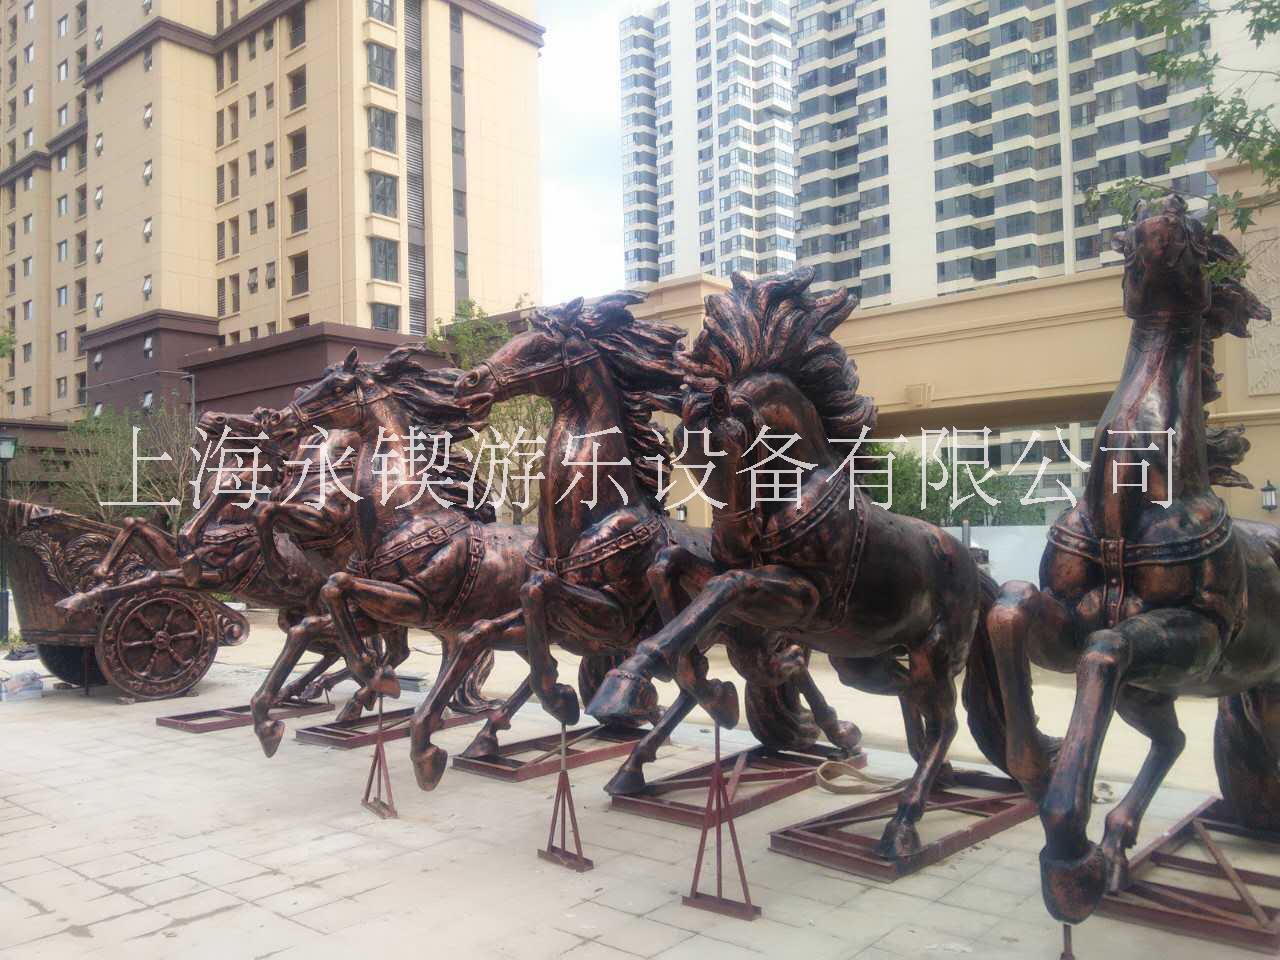 玻璃钢雕塑批发 玻璃钢雕塑品 玻璃钢雕塑 动物